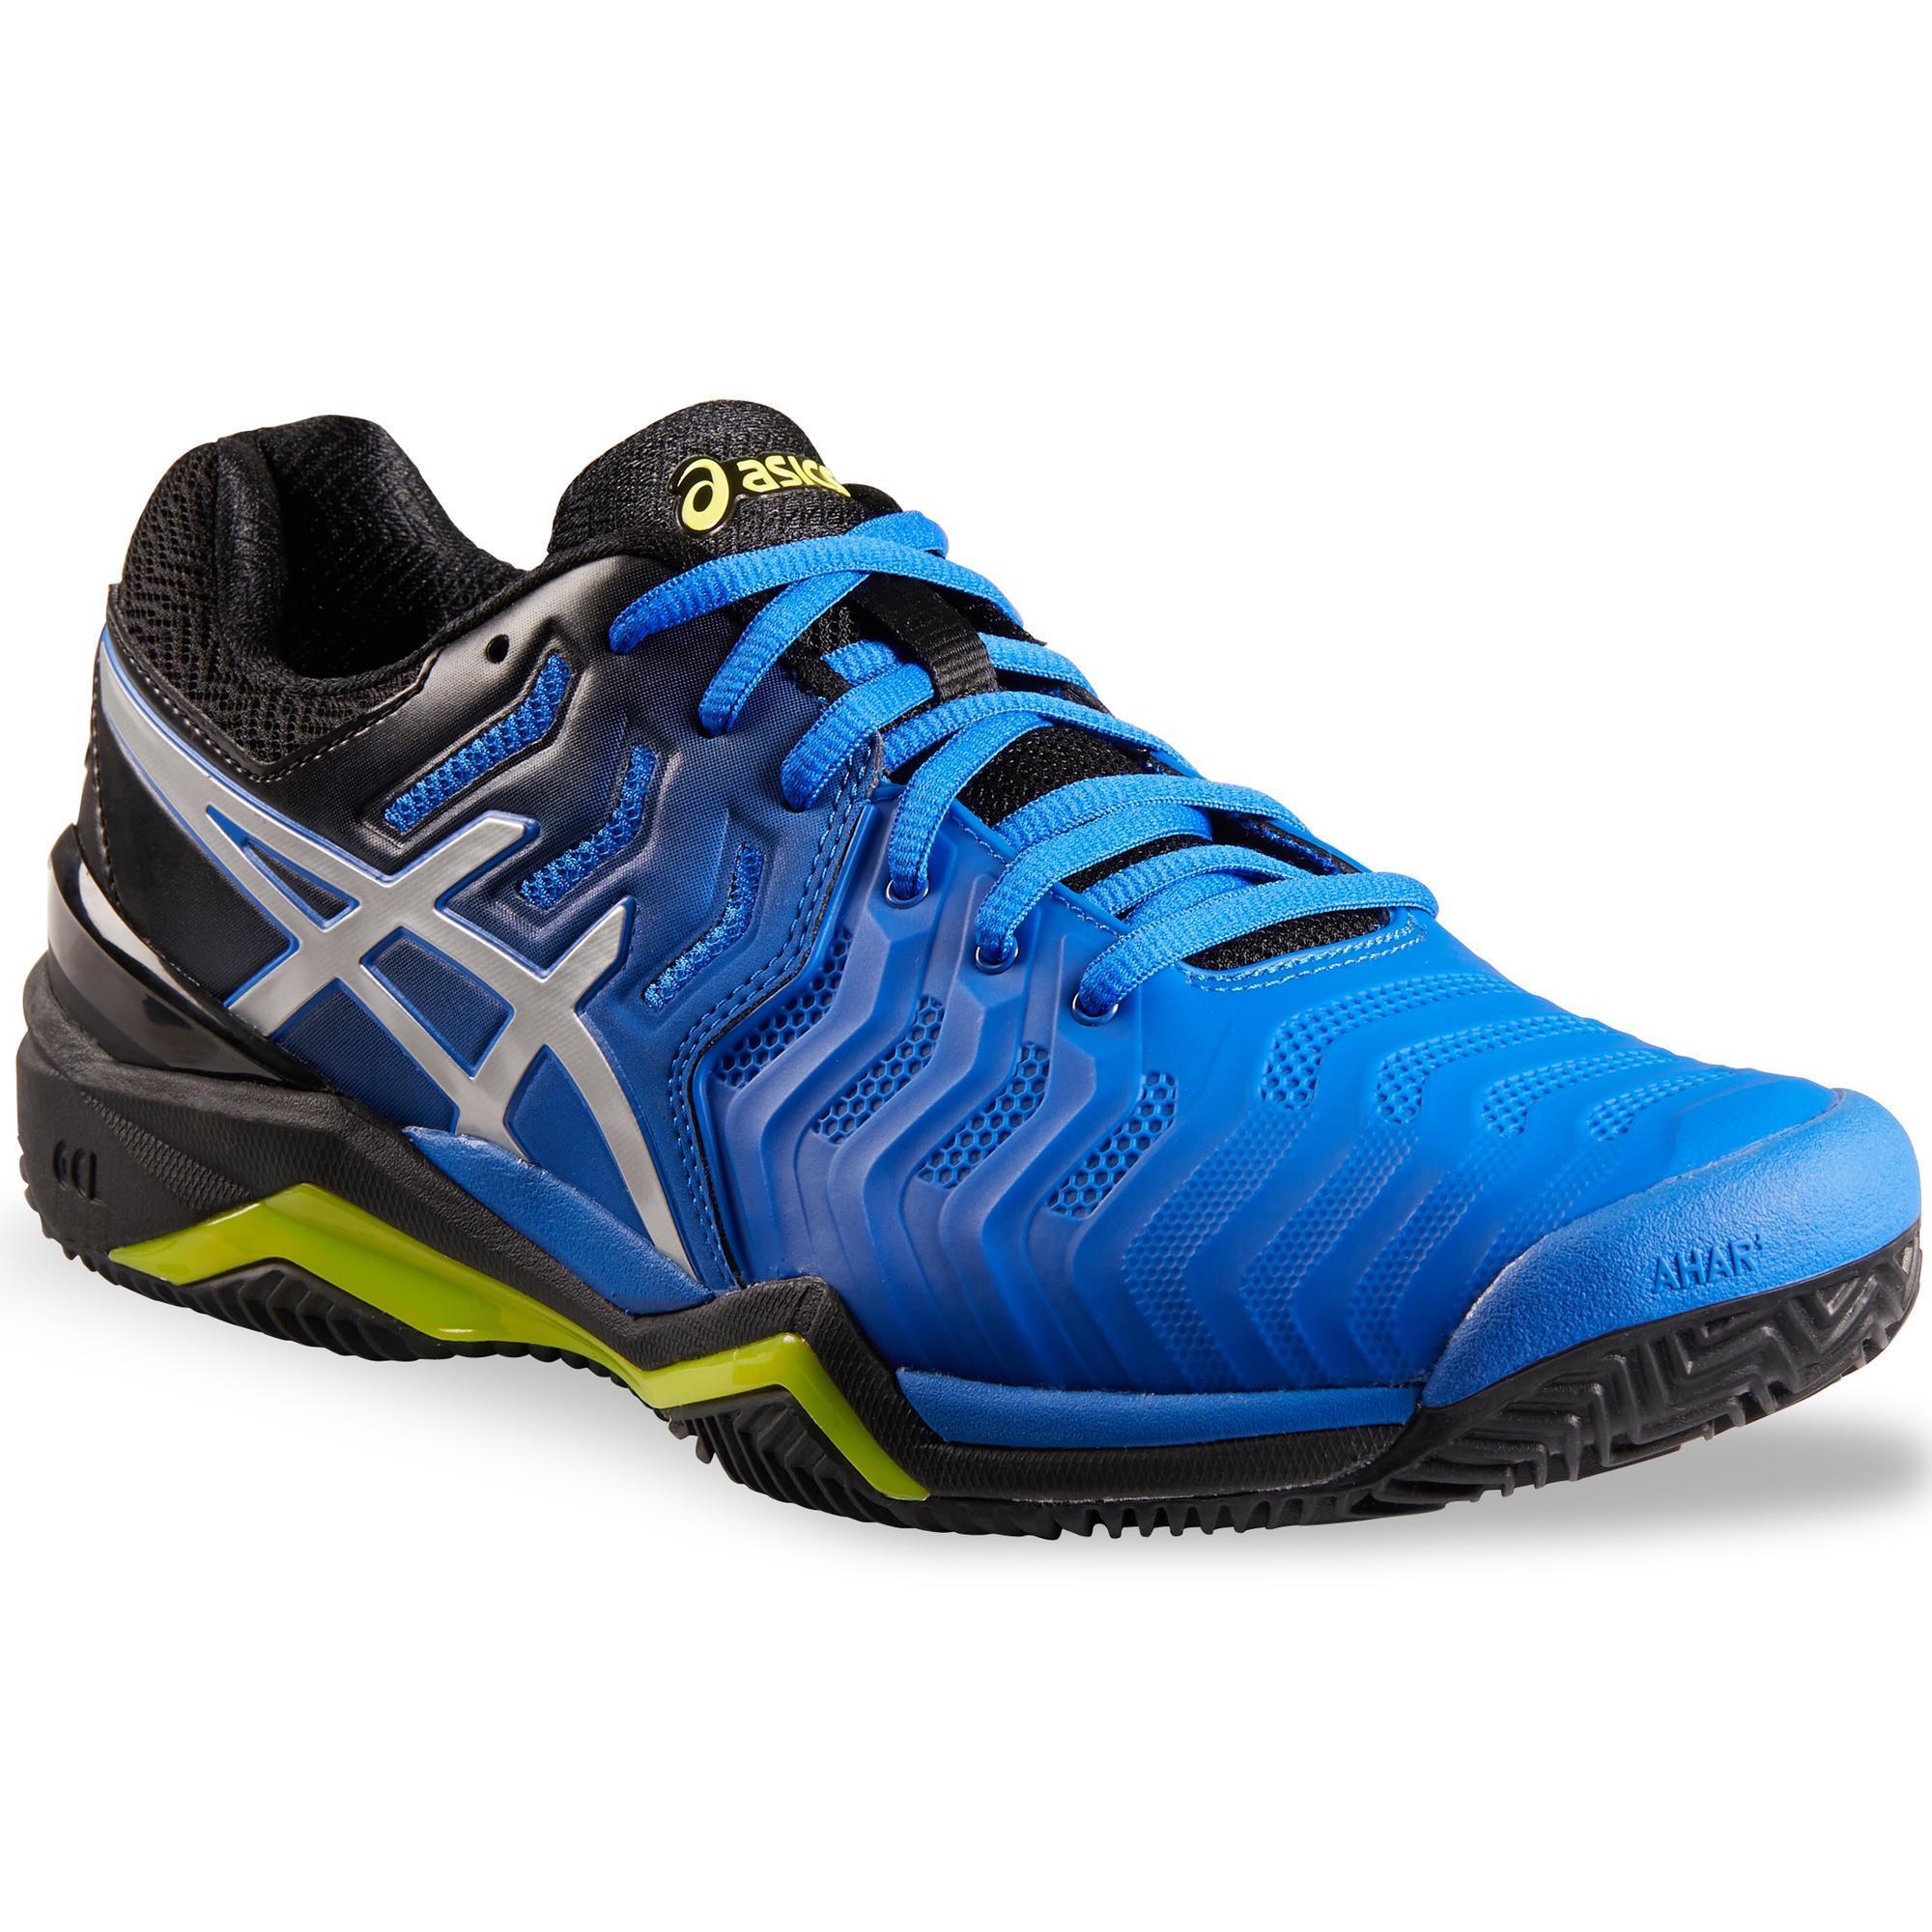 b982f635 Comprar Zapatillas y calzado de tenis hombre | Decathlon